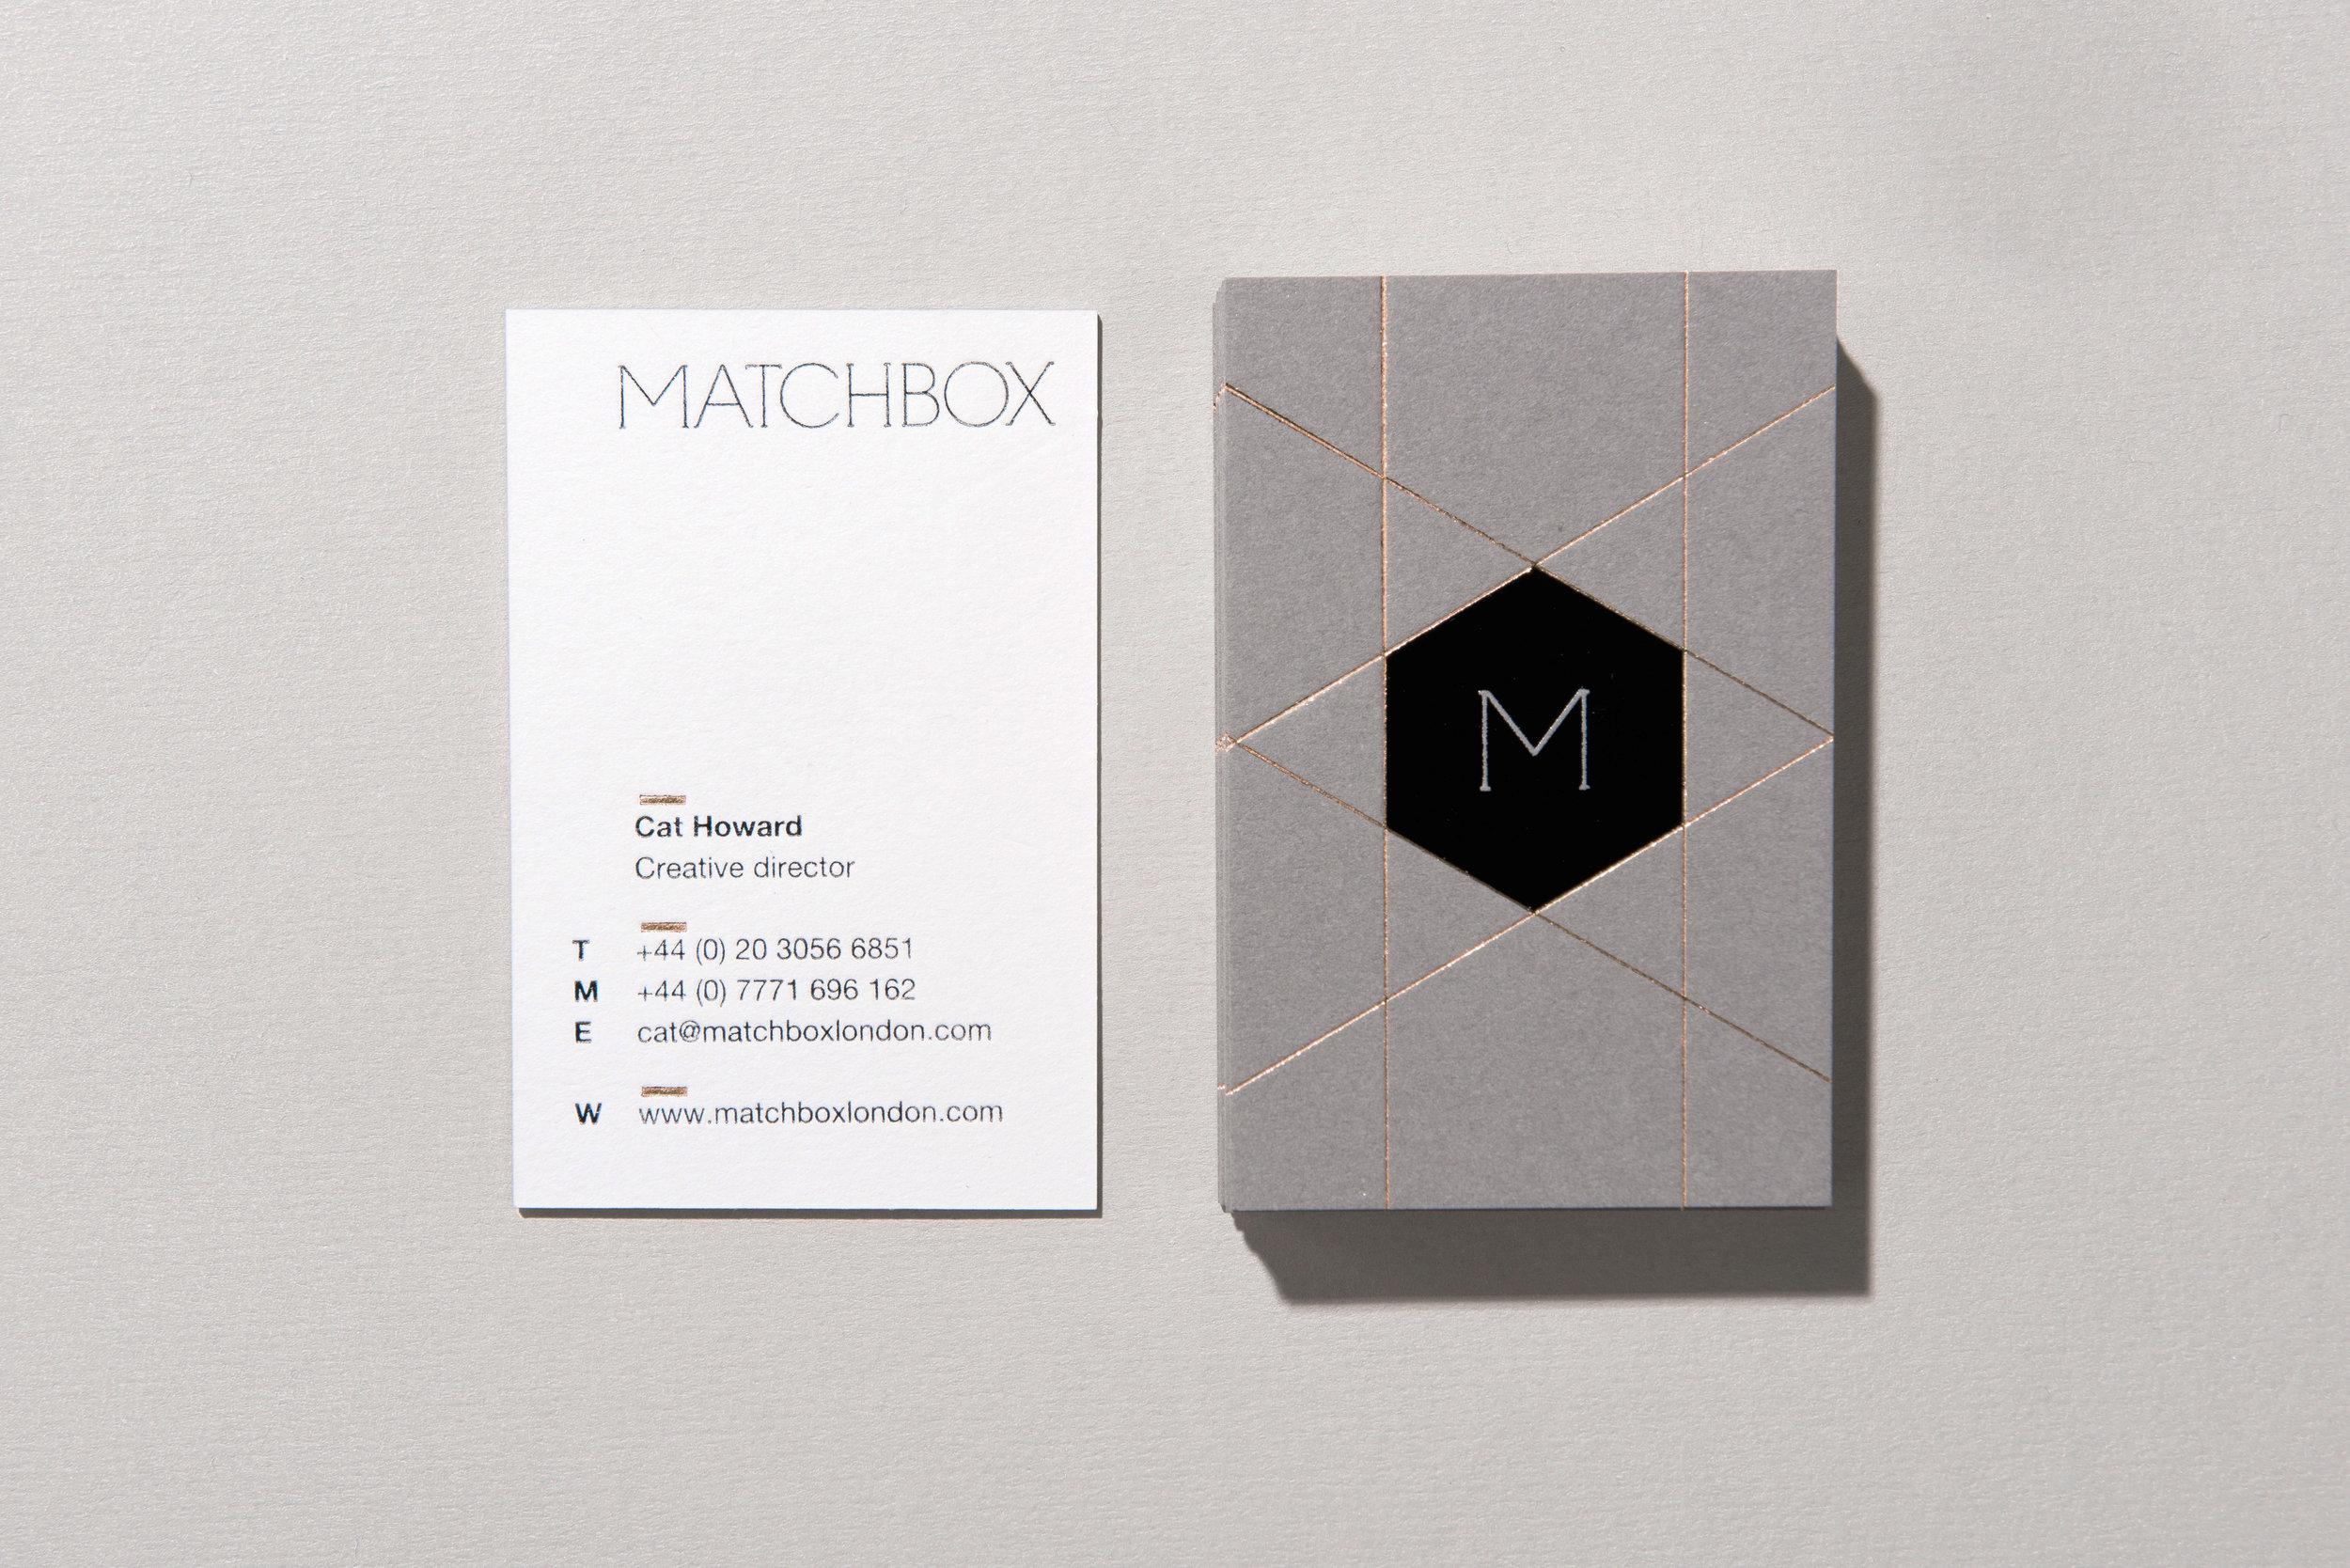 Matchbox_Publishing_Stationery